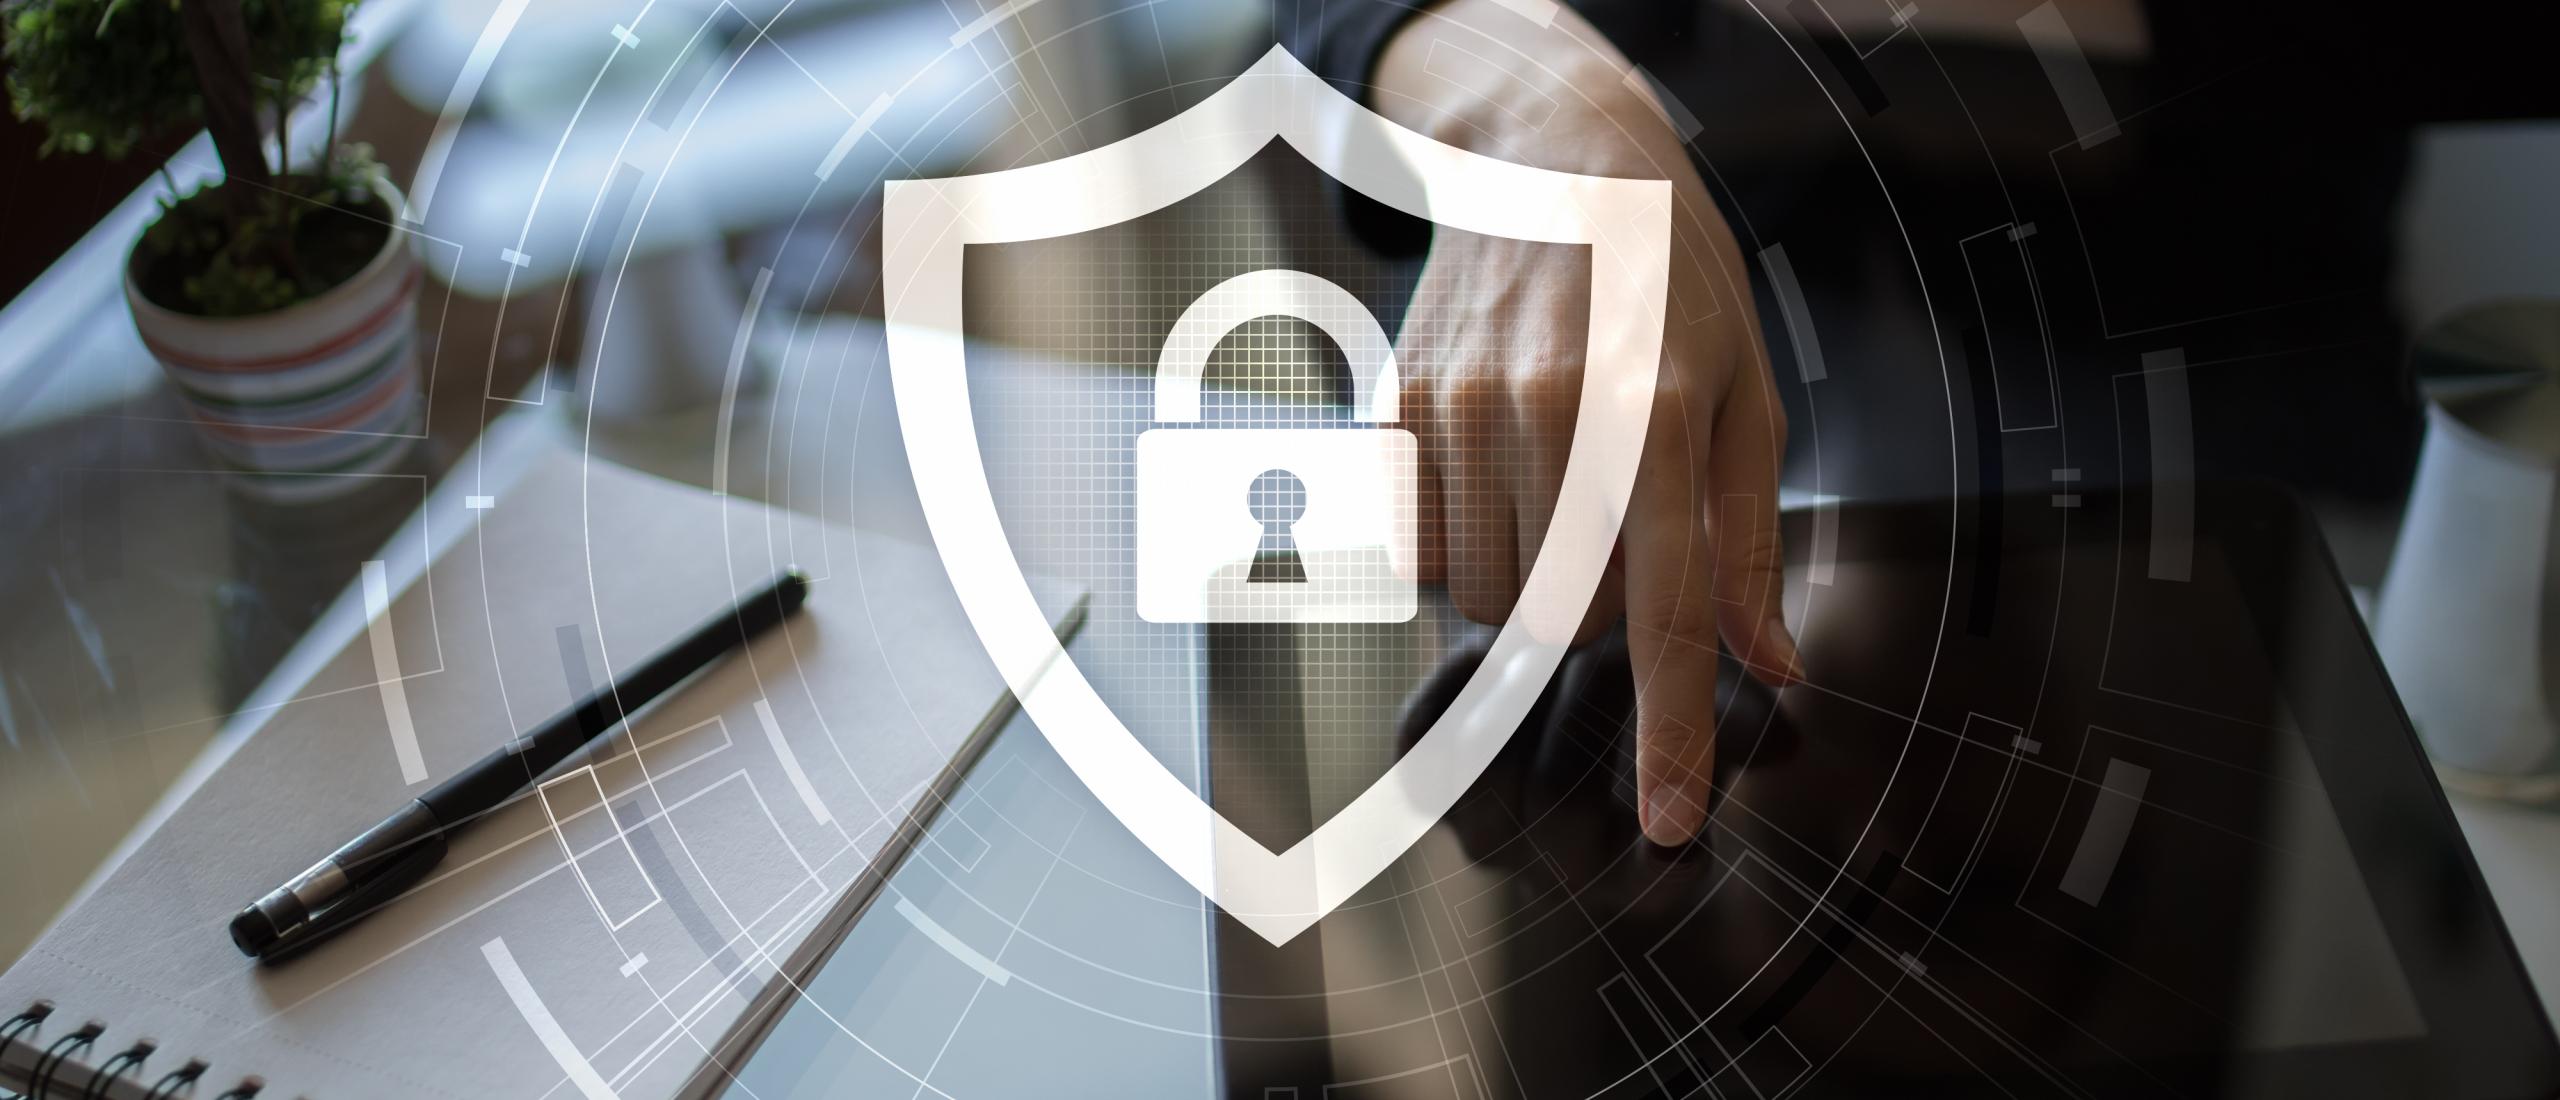 Informatiebeveiliging: Méér dan alleen persoonsgegevens!